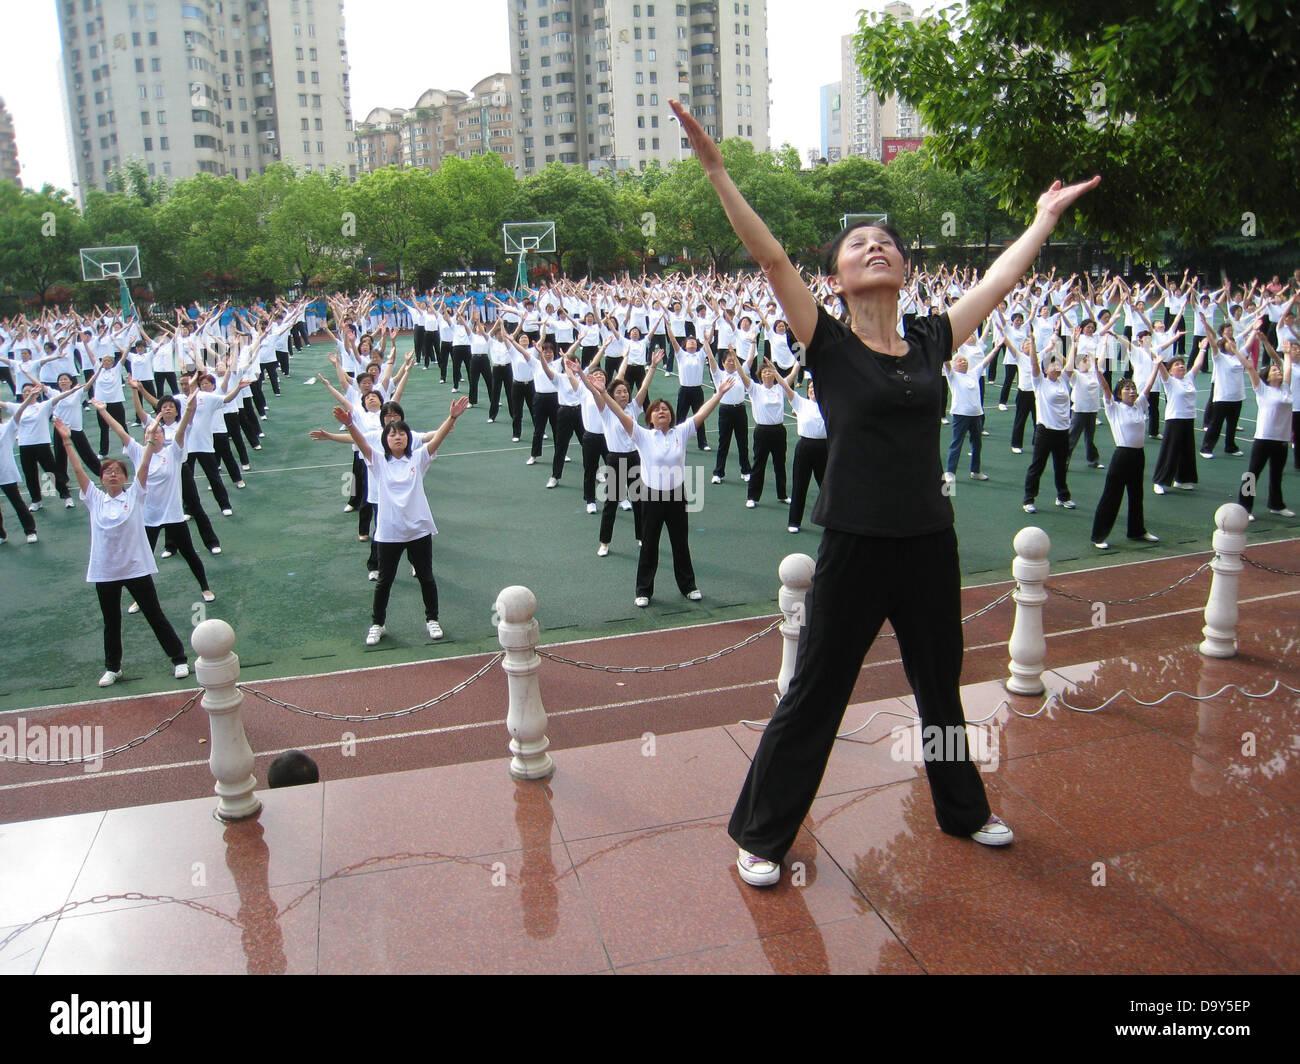 Ejercicios Ejercicio comunitario de vida de shanghai deportes Imagen De Stock